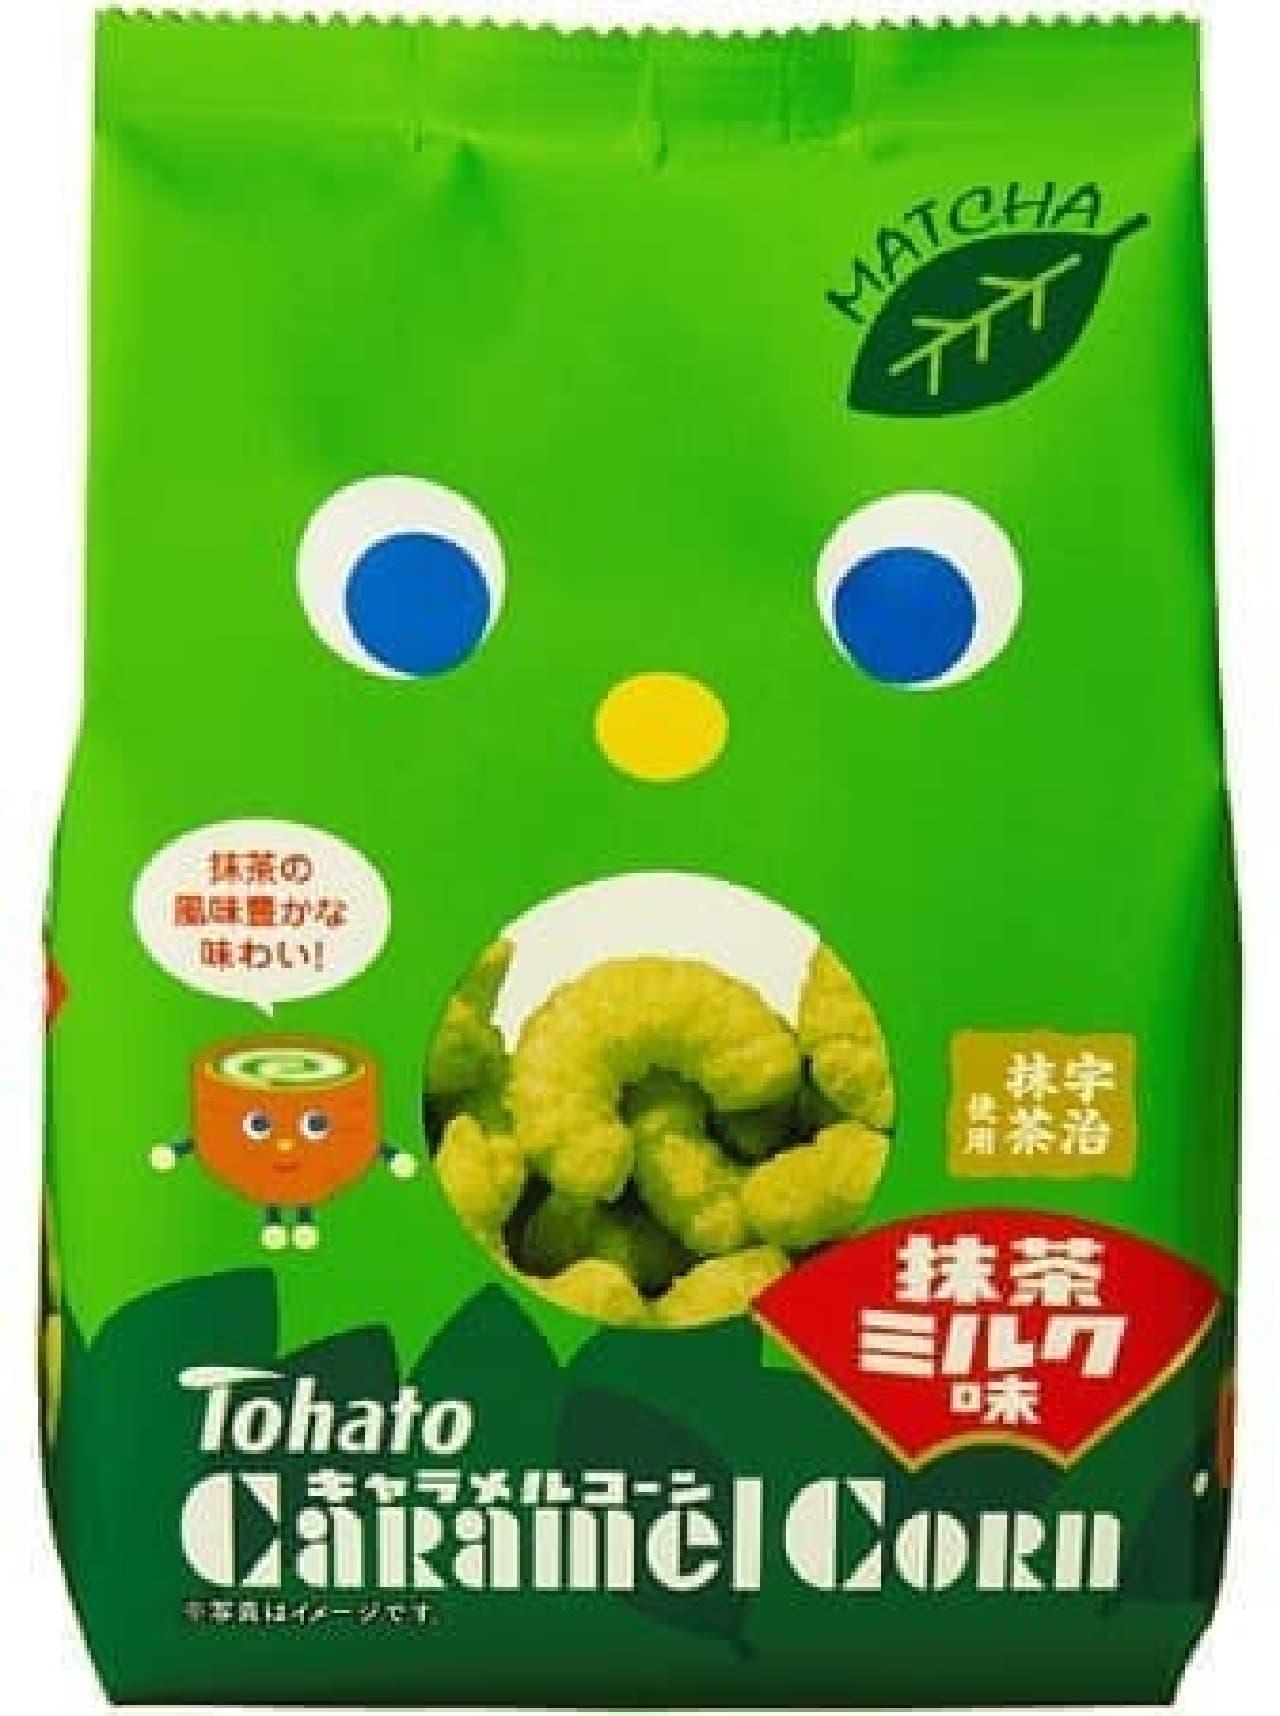 「キャラメルコーン 抹茶ミルク味」登場